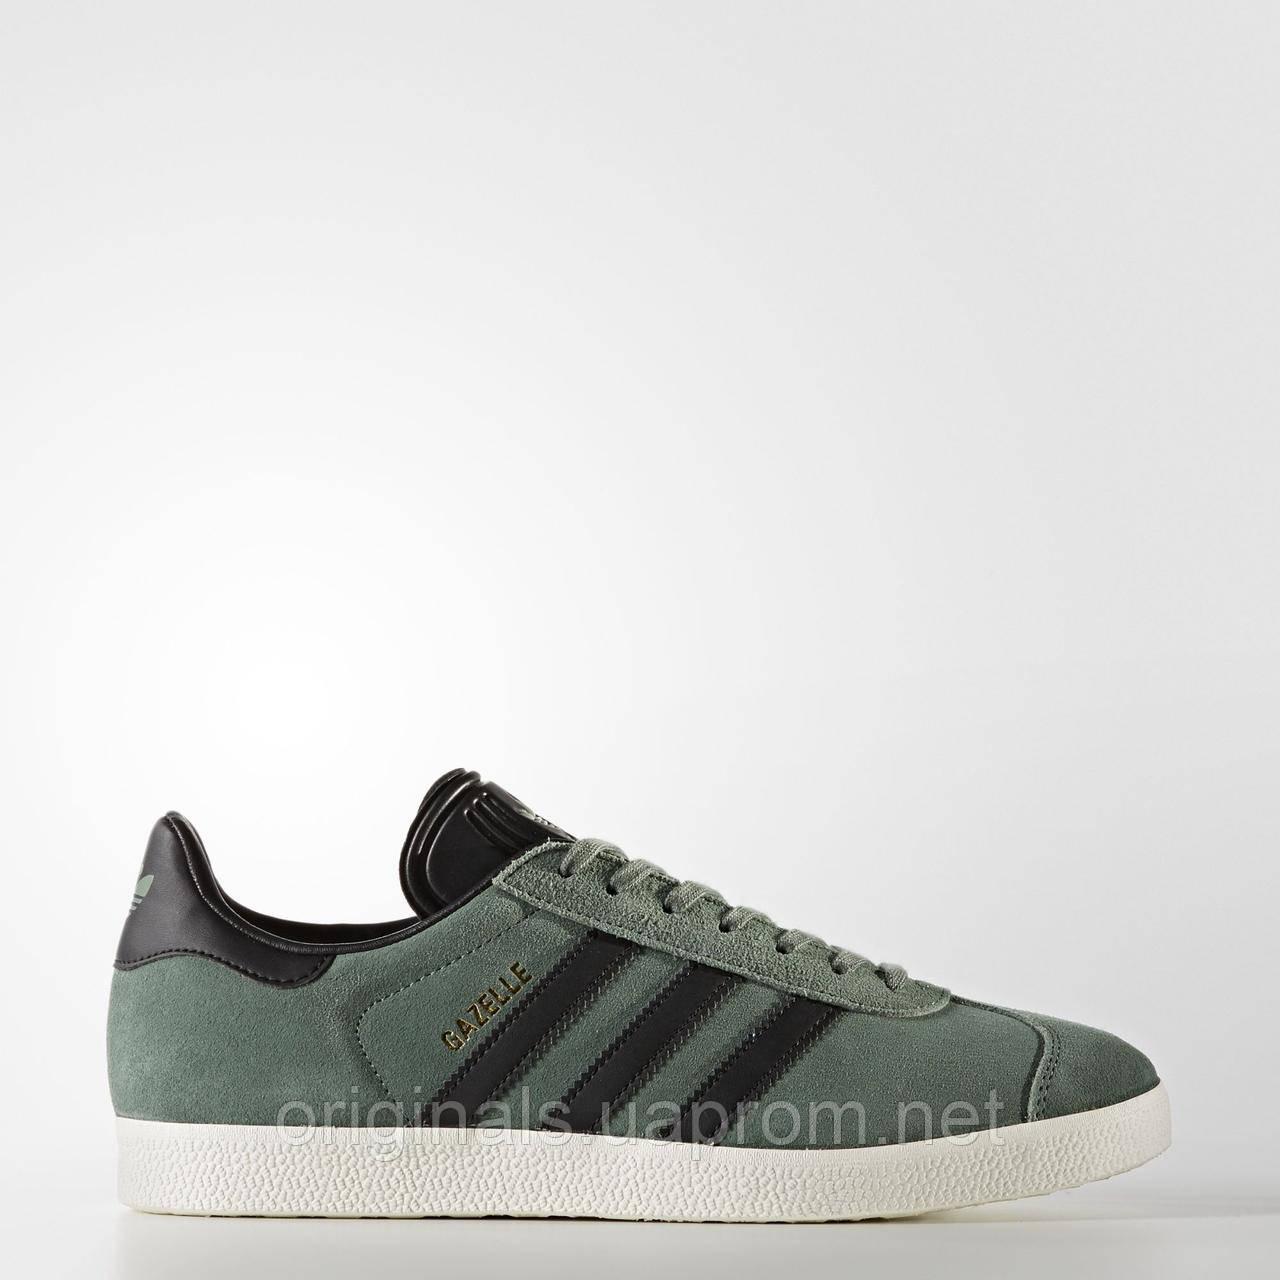 Мужские кроссовки Adidas Originals Gazelle M BZ0033 - интернет-магазин  Originals - Оригинальный Адидас 9ef56f1137547